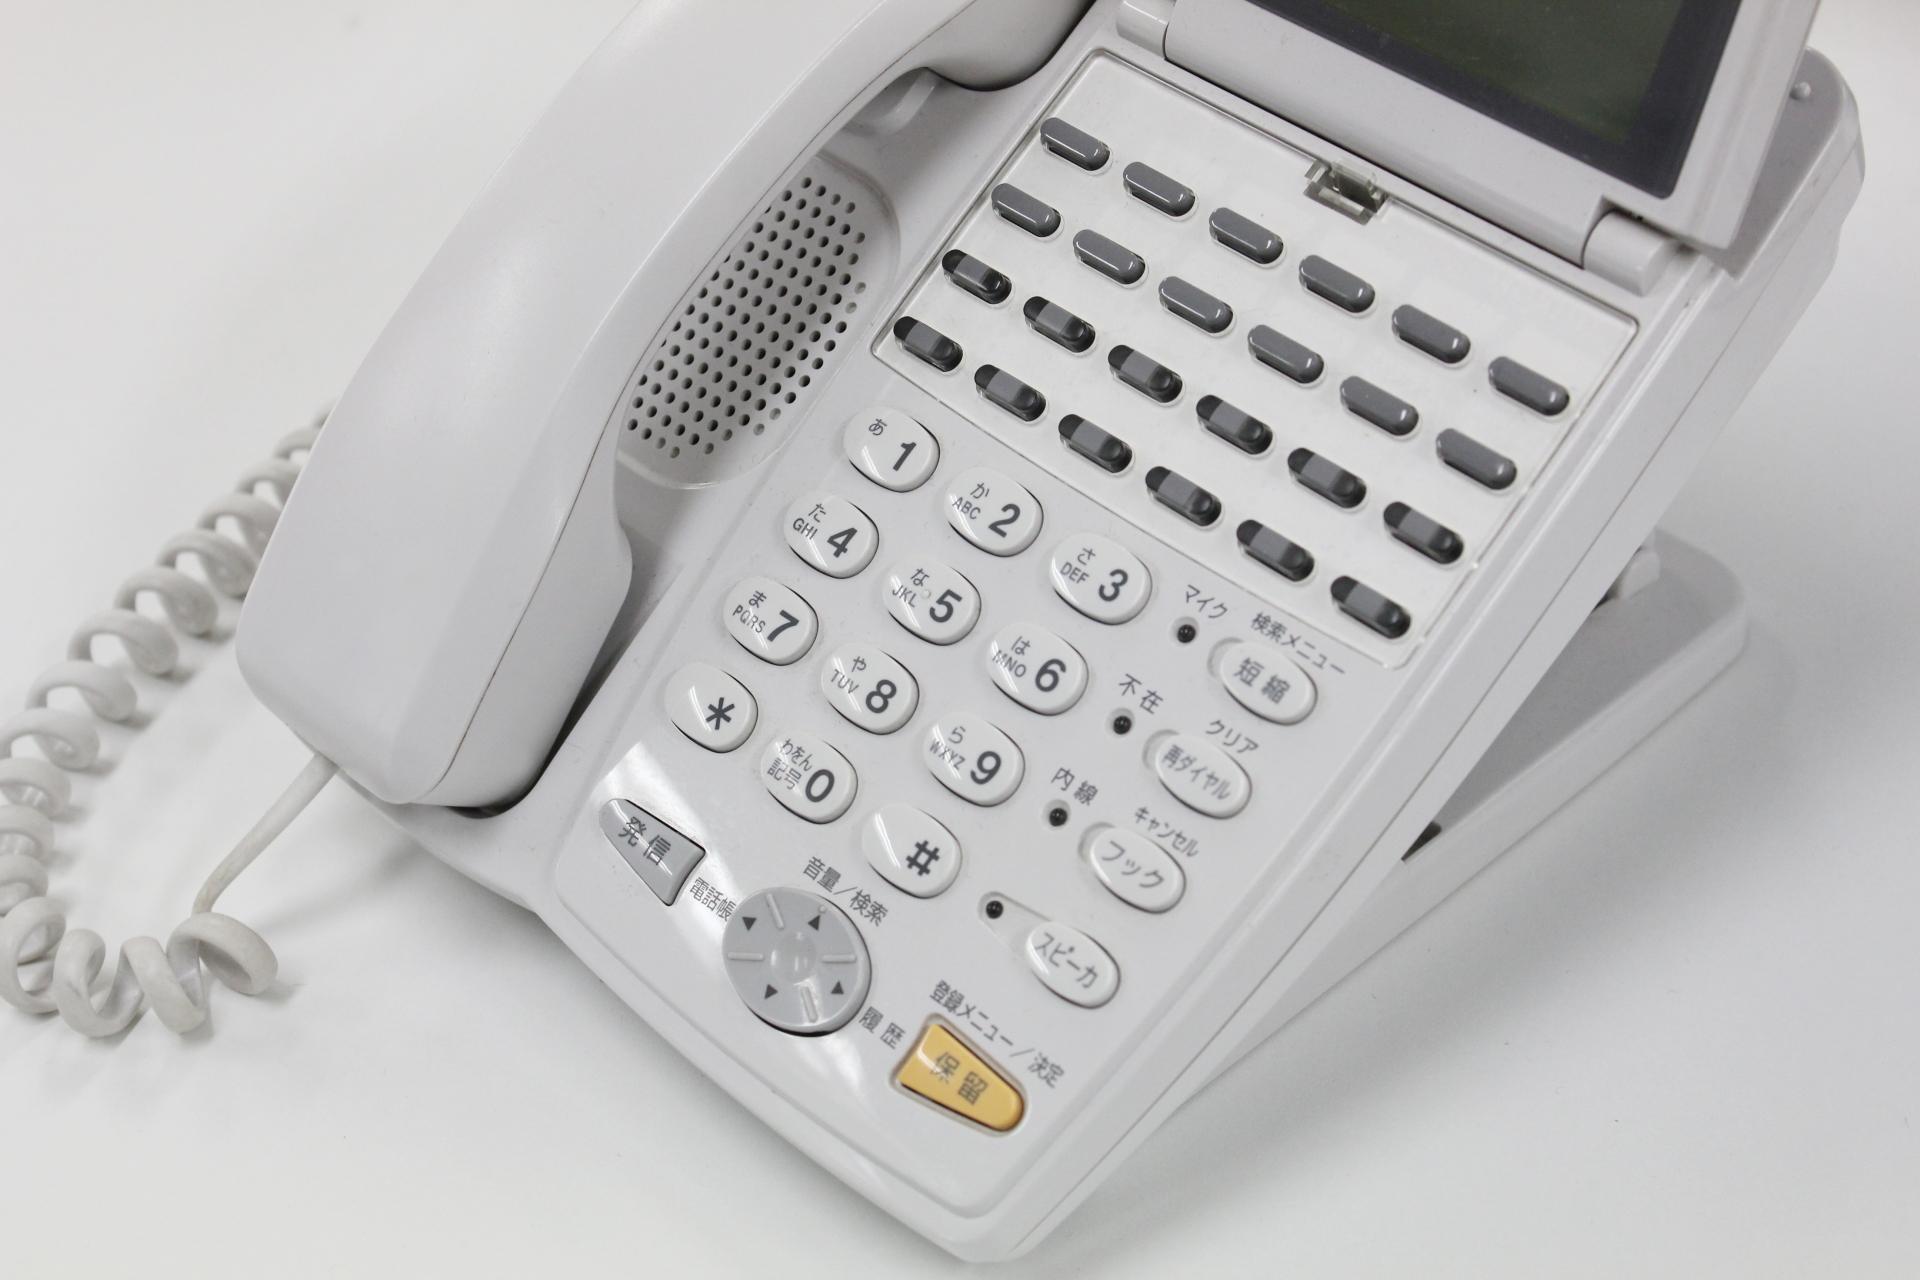 電話番号を聞くときの敬語の使い方や聞き方の正しいコツとは